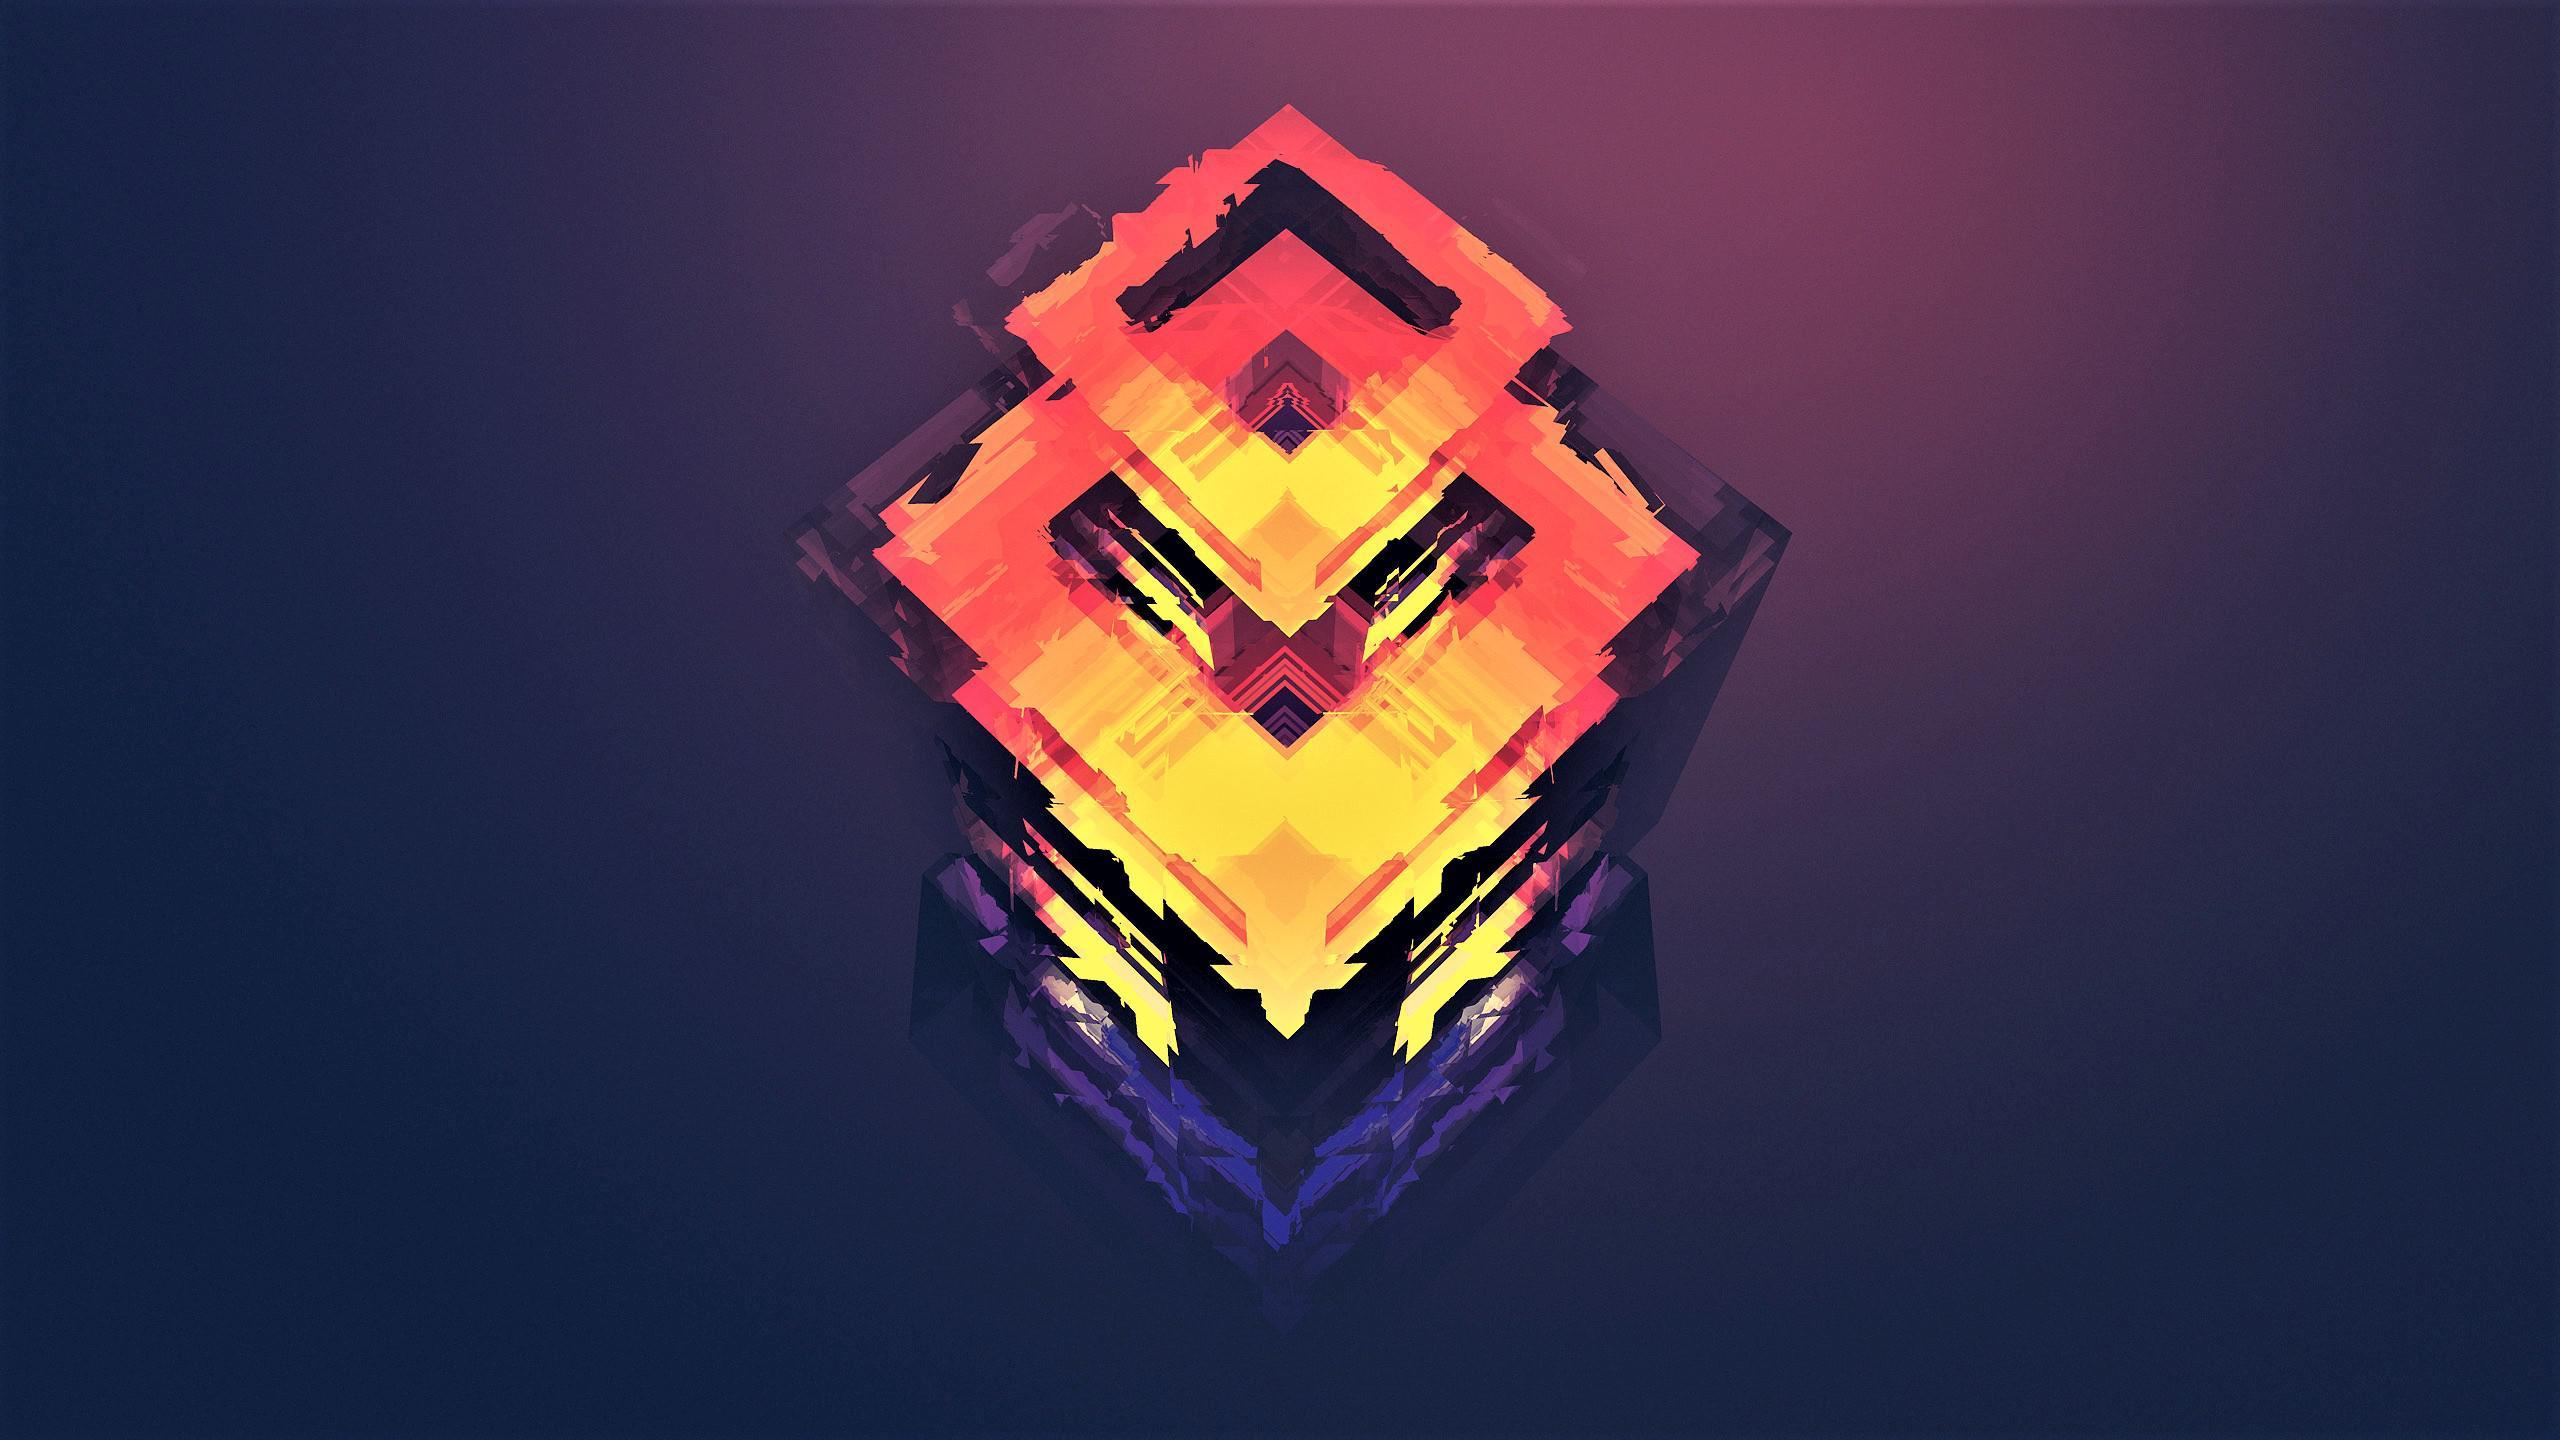 Призрак цвет огонь